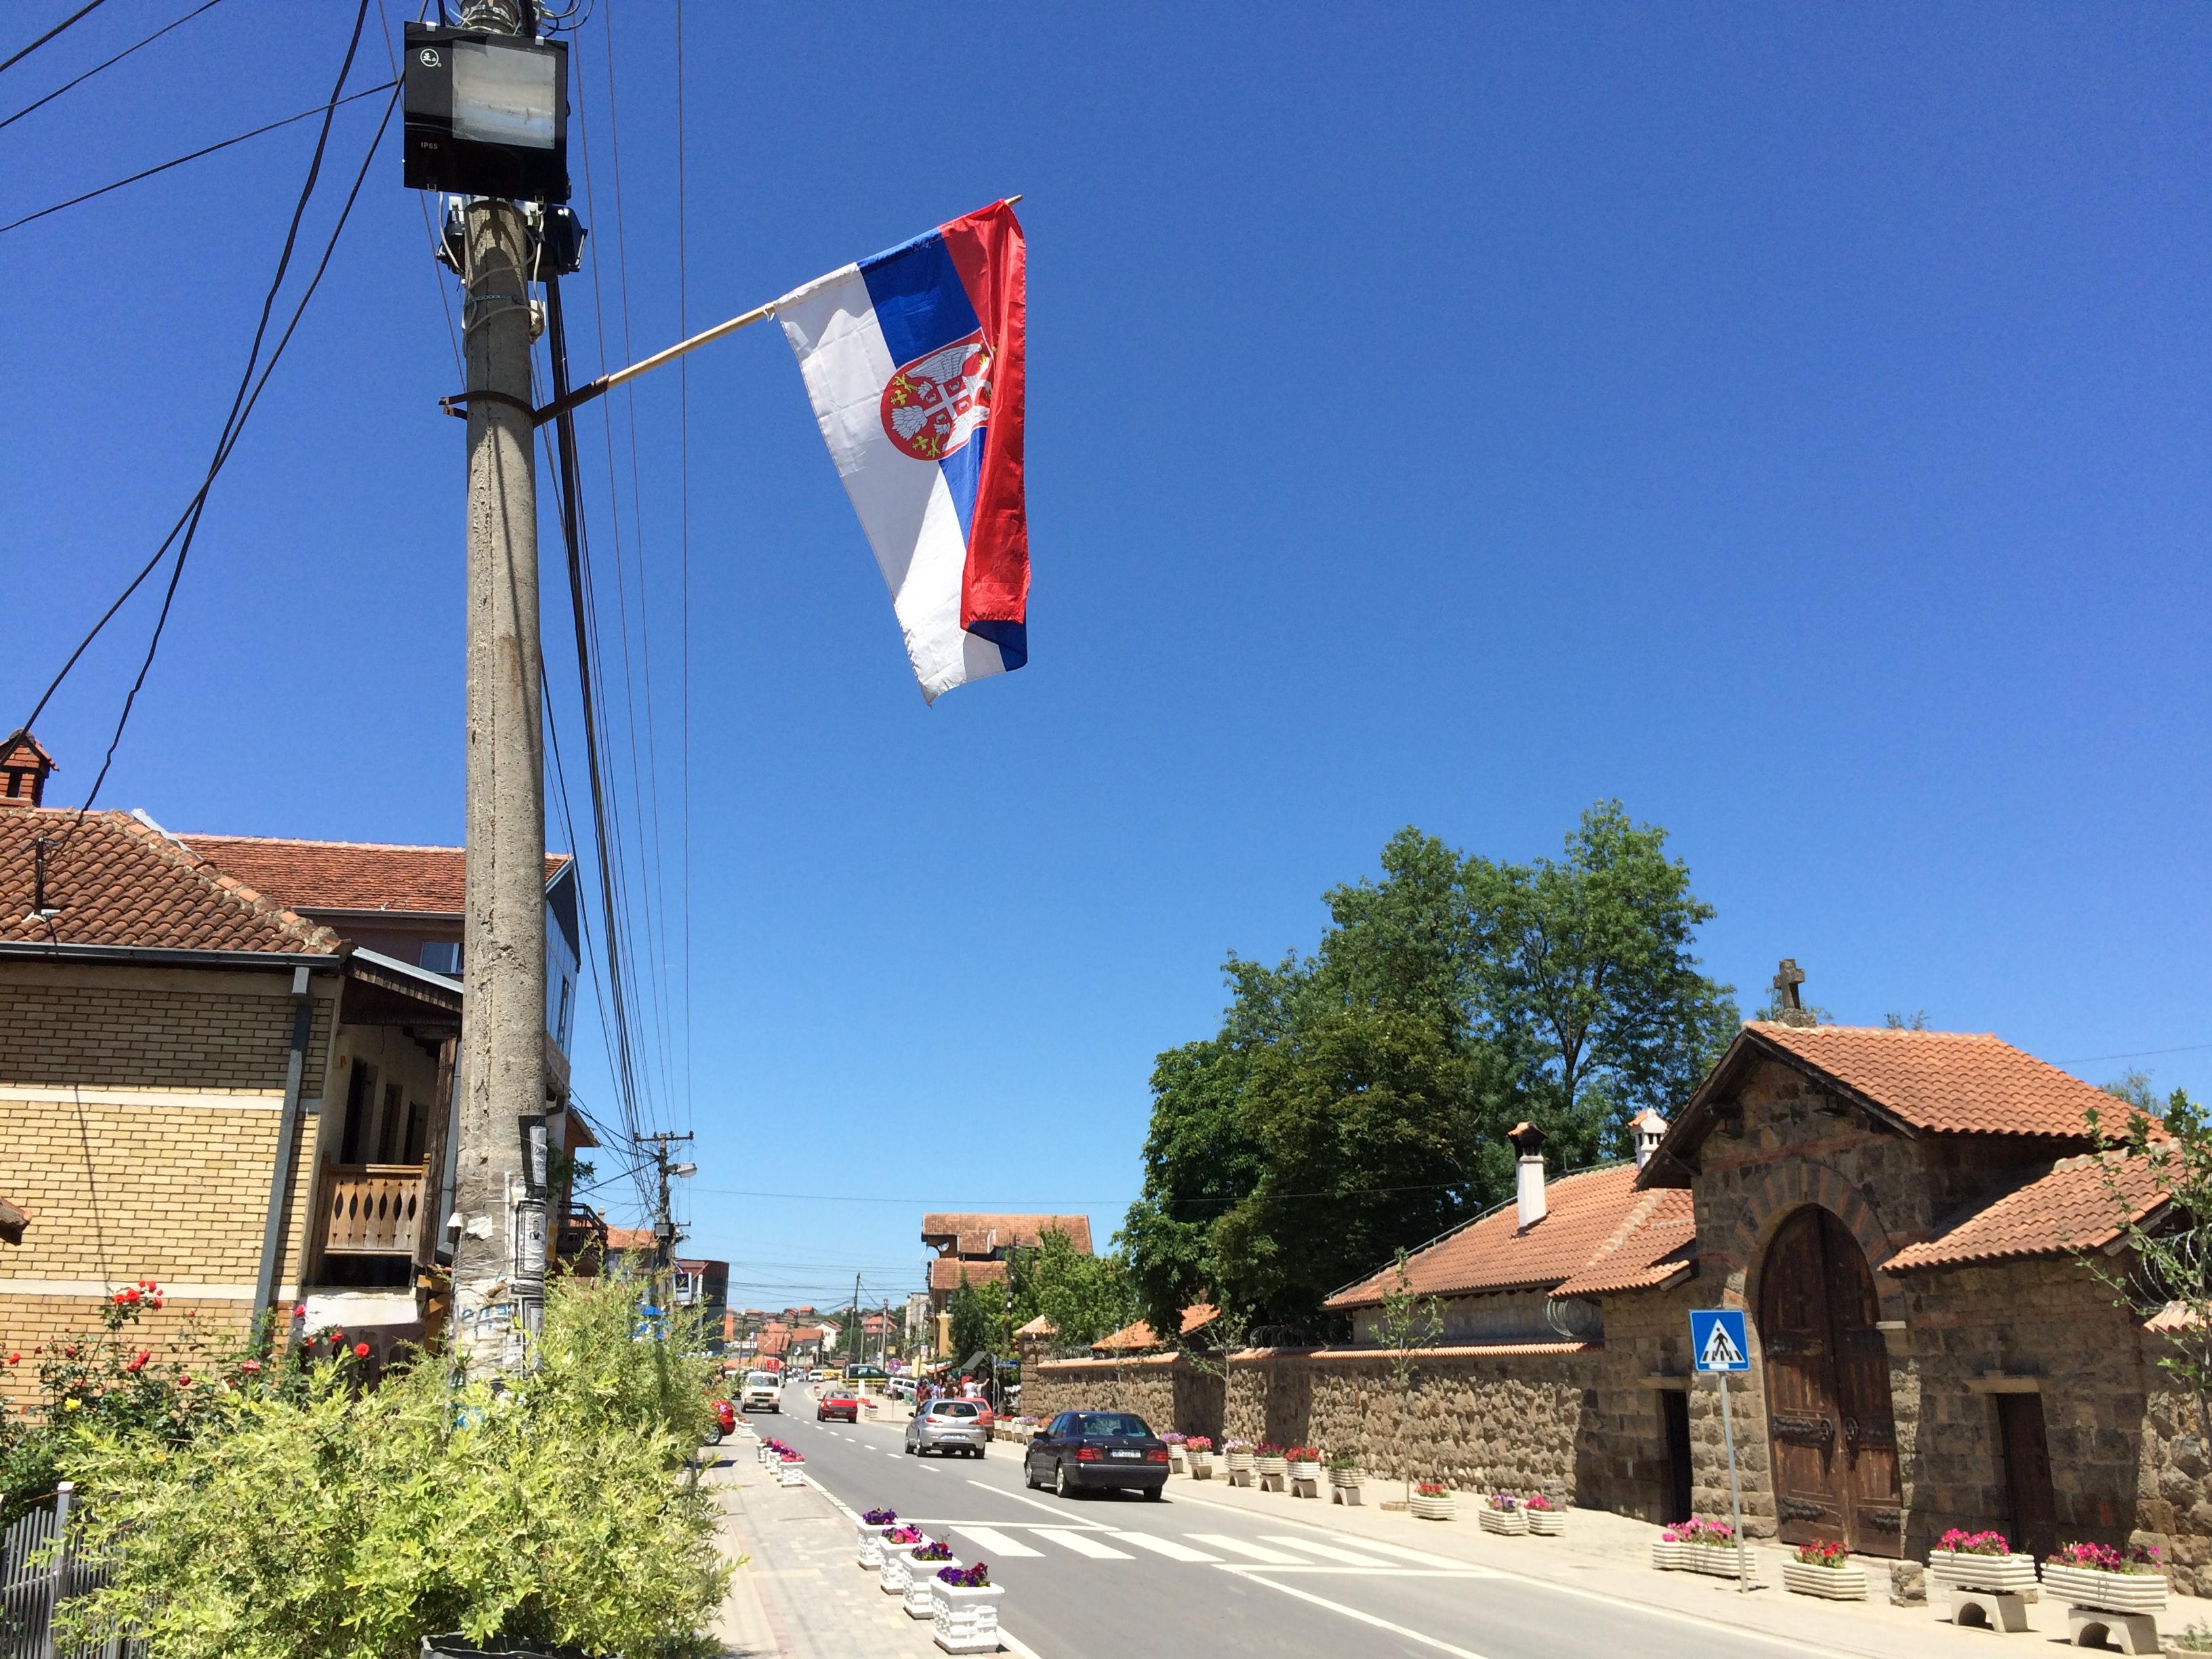 格拉查尼察街头塞尔维亚国旗